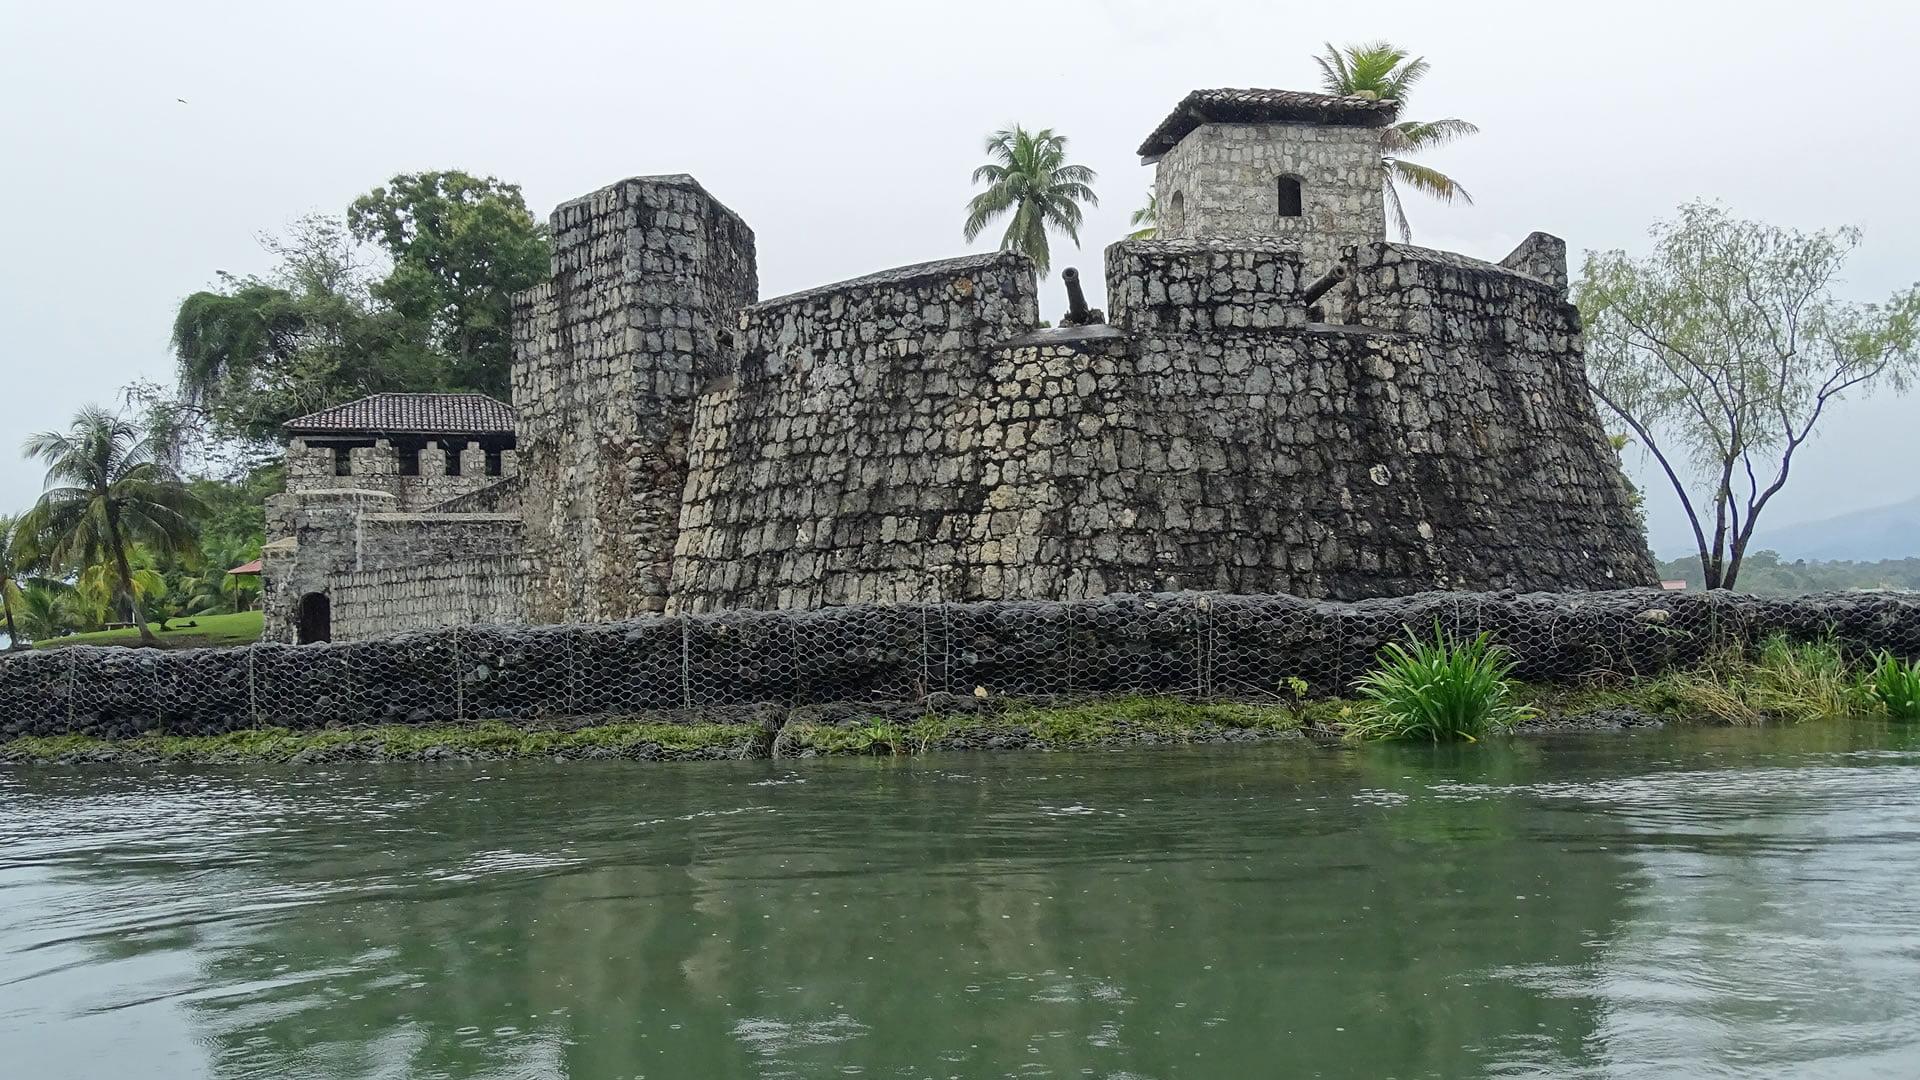 Castillo de San Felipe Guatemala Wikipedia Castillo de San Felipe de Lara